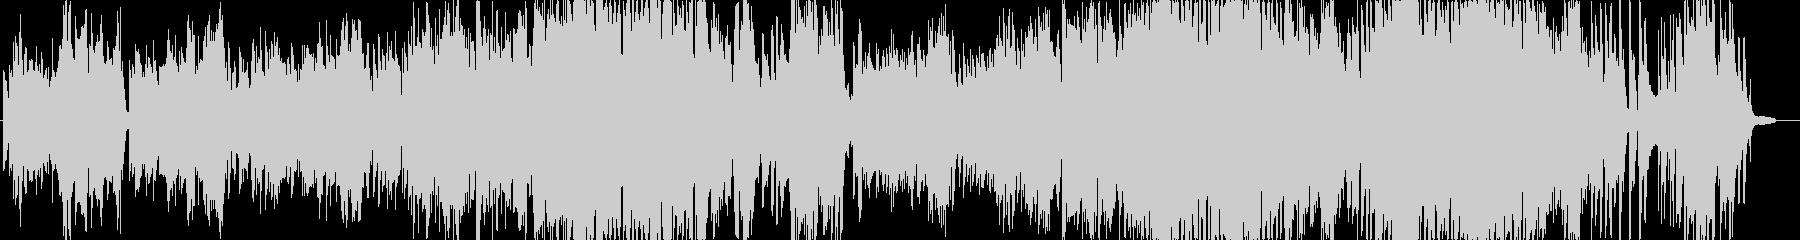 ピアノ弾き語りの未再生の波形